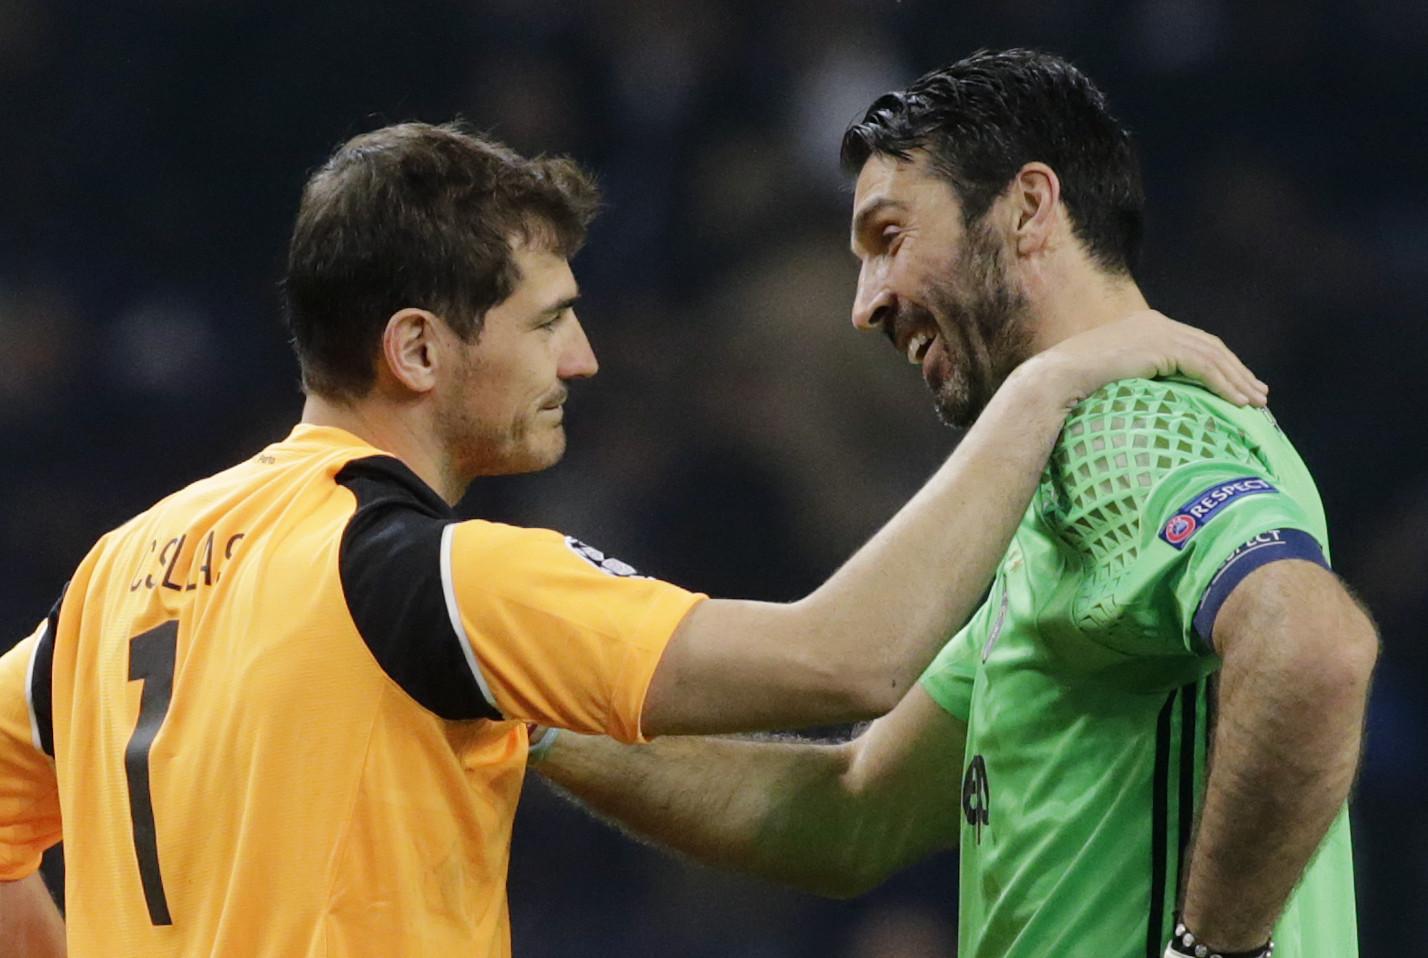 Две минуты на удаление и победу: «Ювентус» обыграл «Порту» в первом матче 1/8 финала ЛЧ